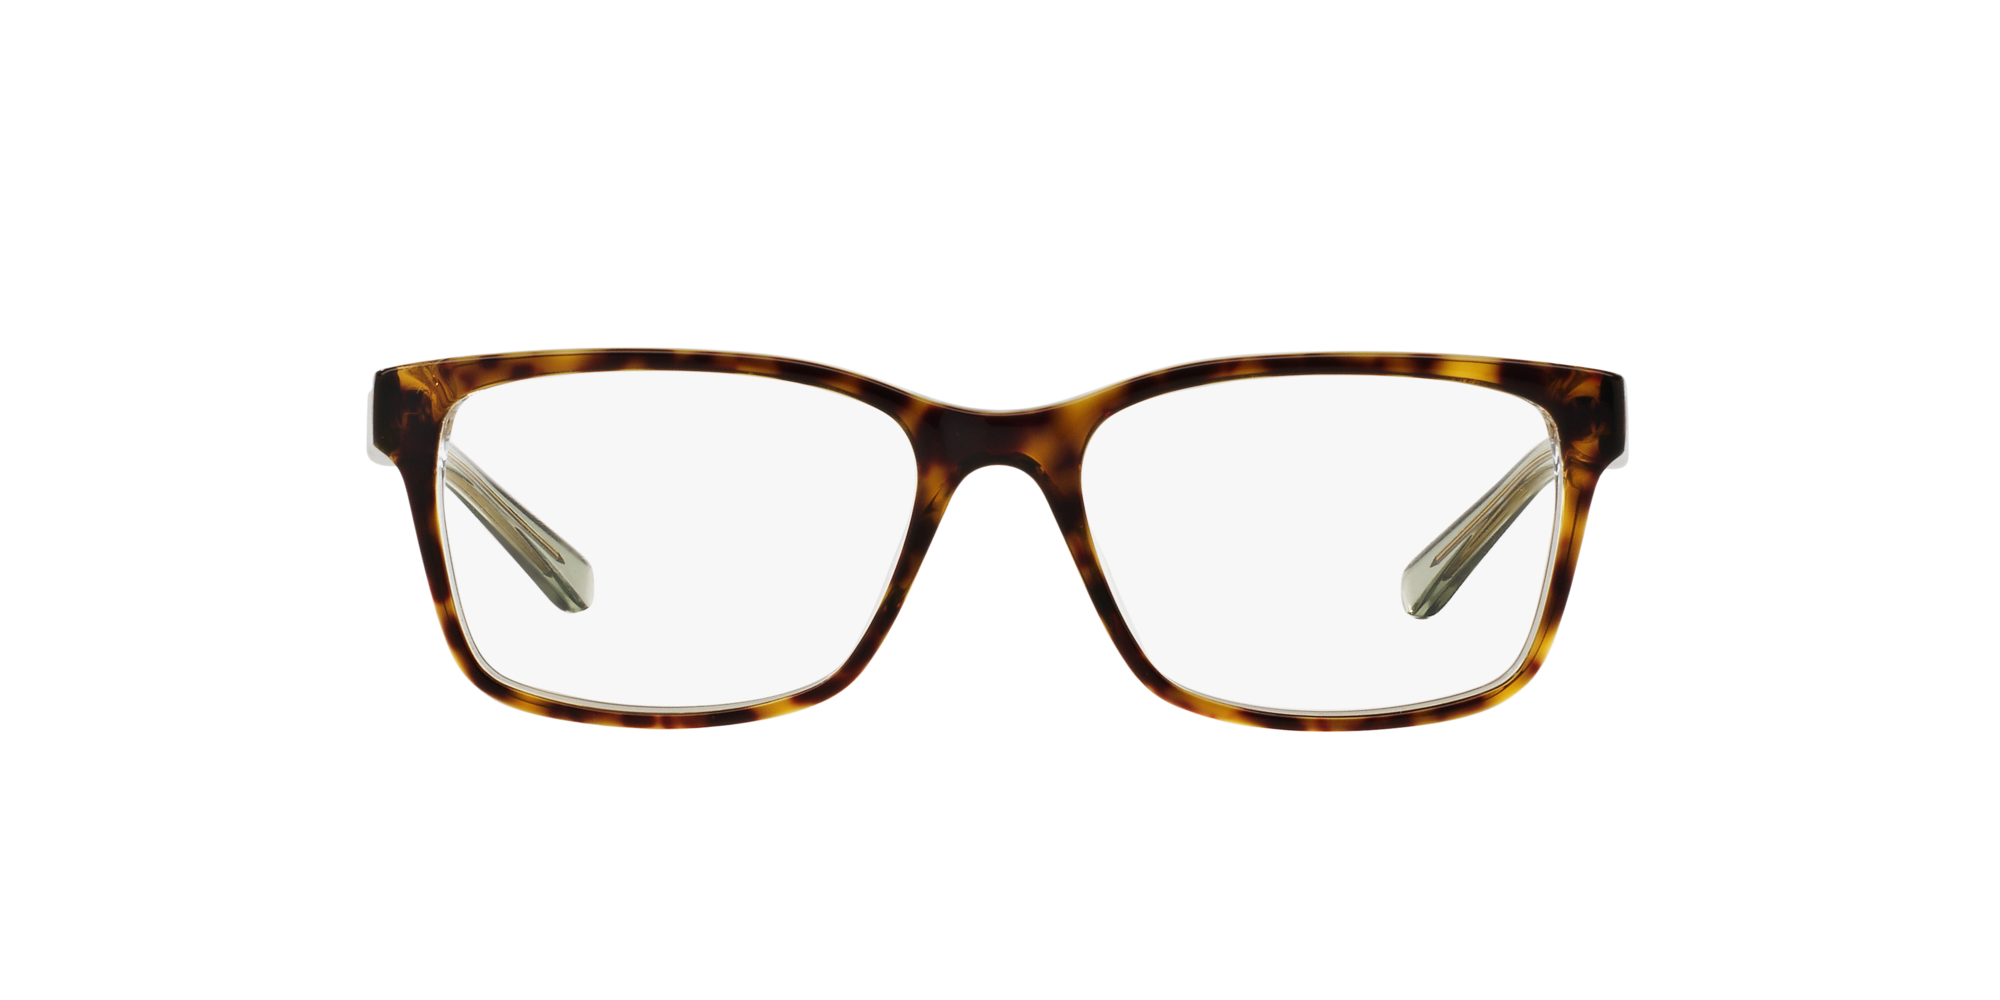 Imagen para TY2064 de LensCrafters |  Espejuelos, espejuelos graduados en línea, gafas